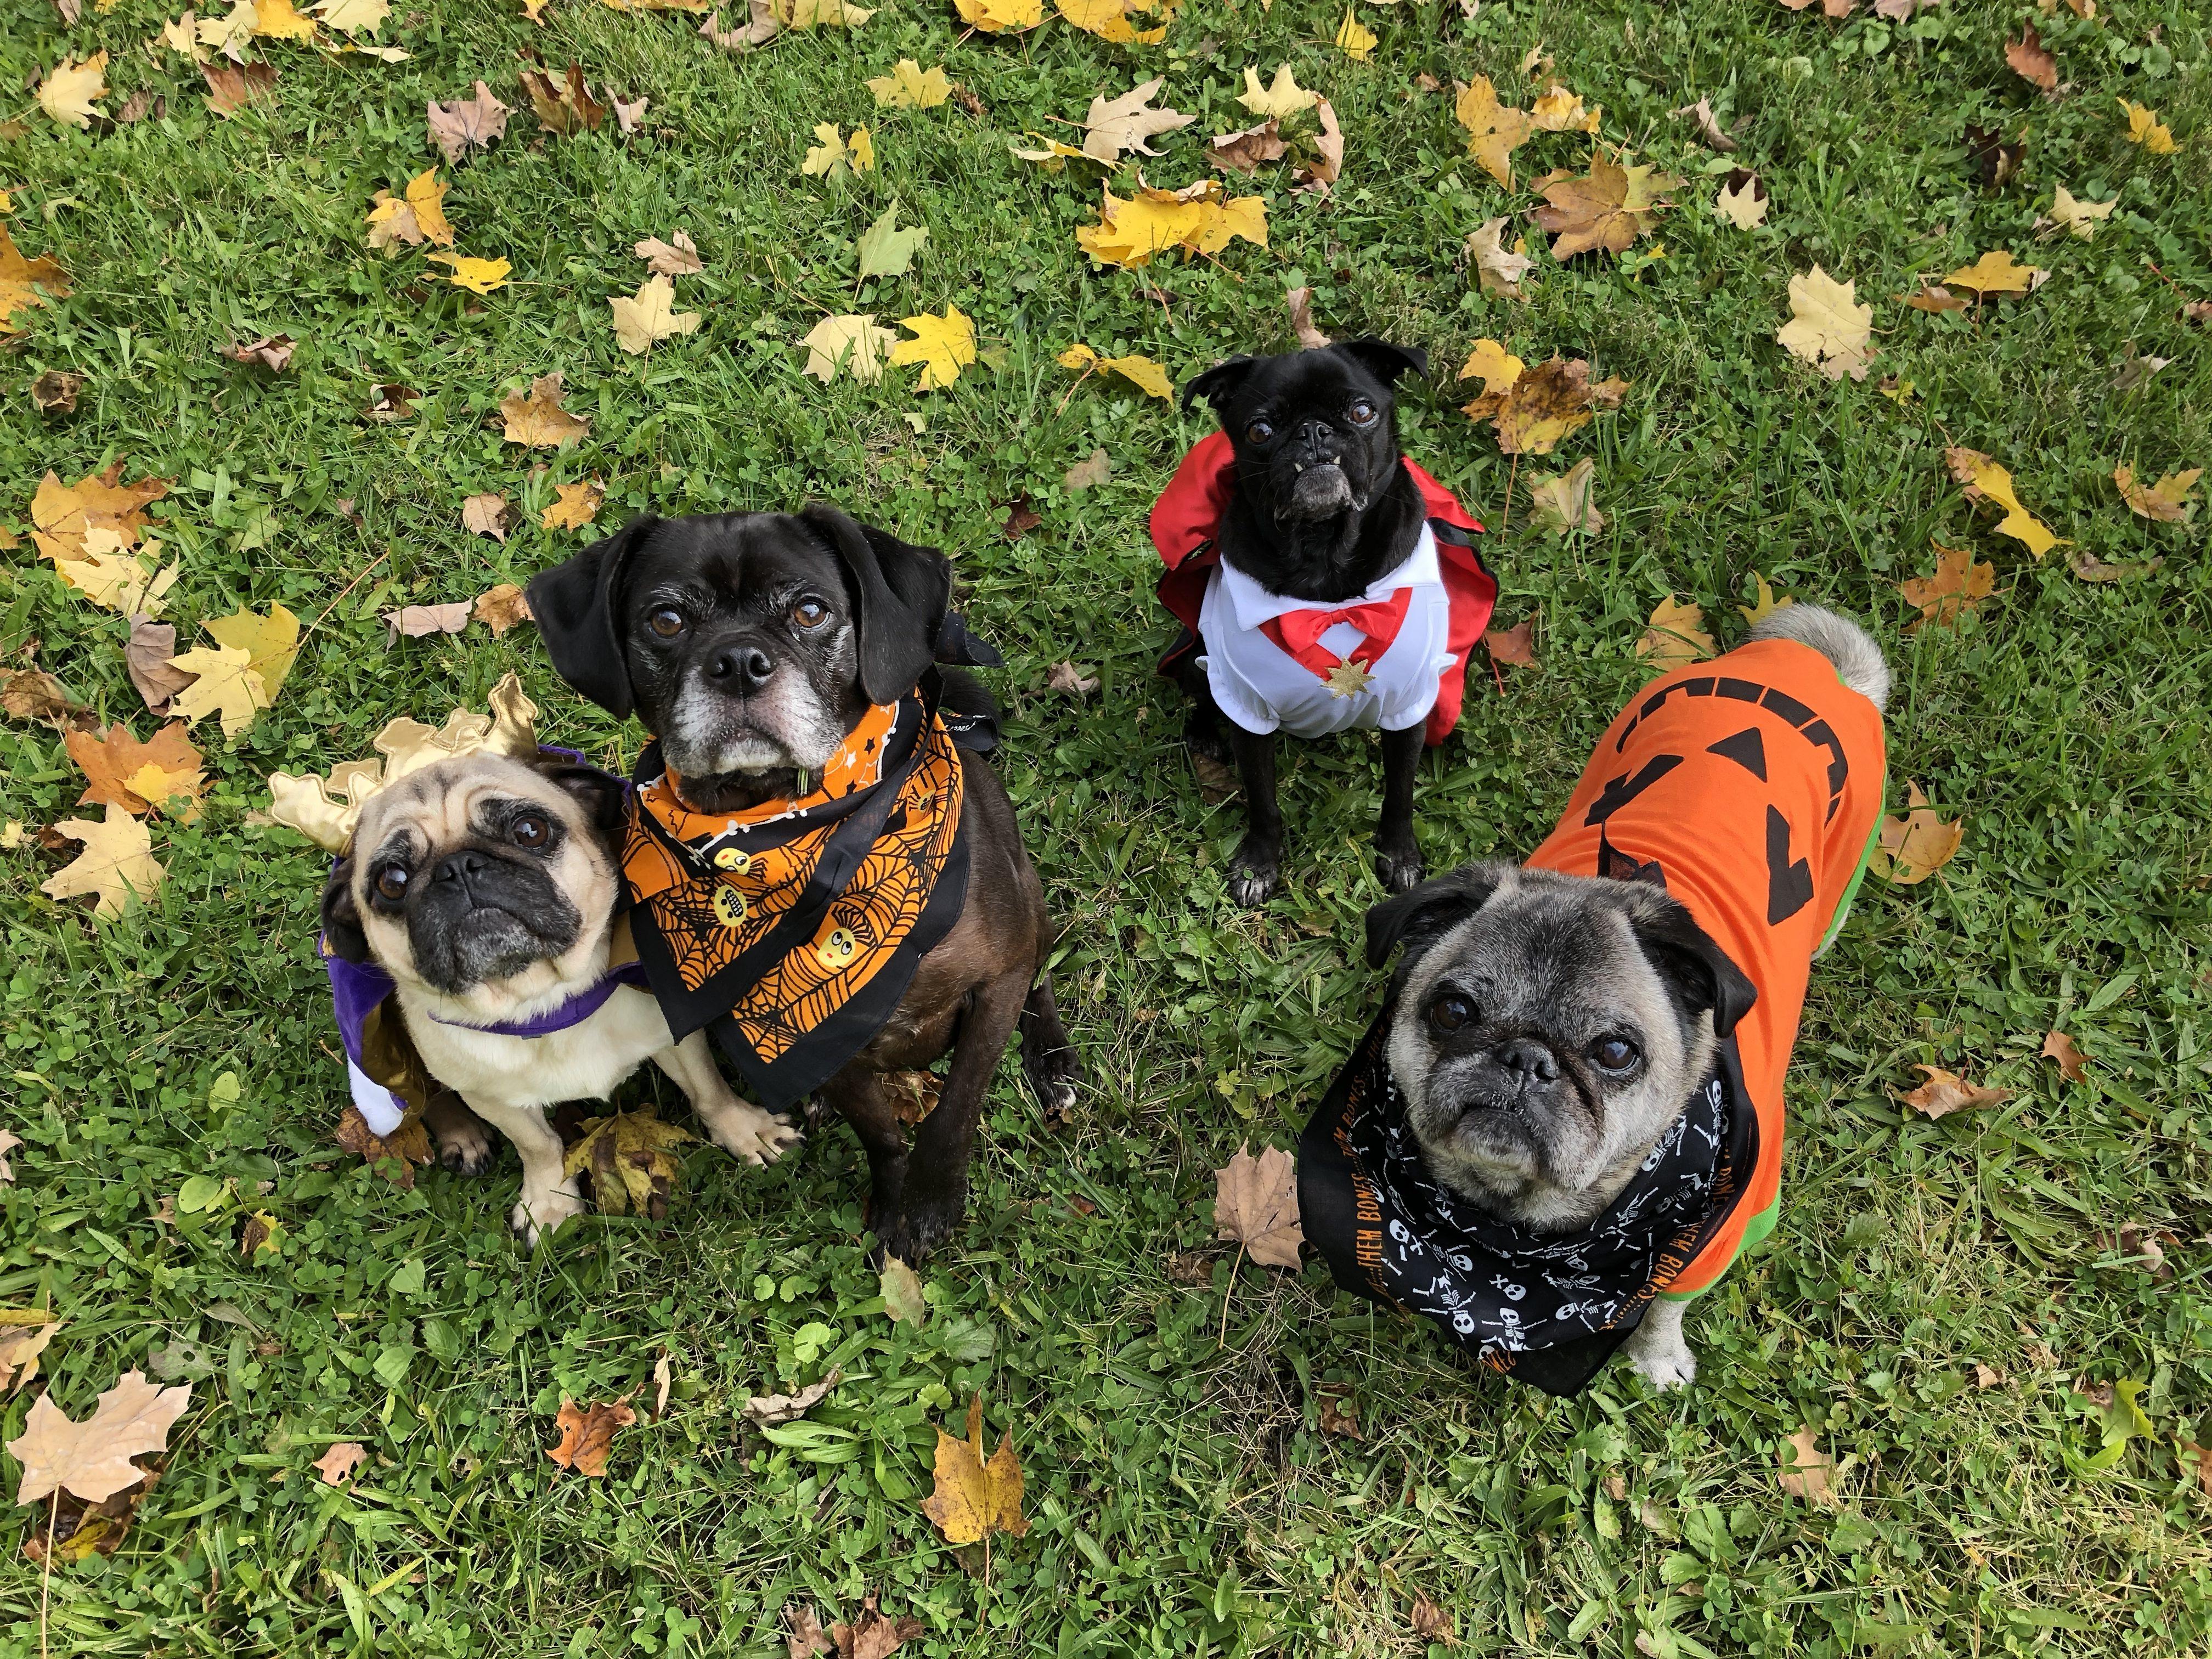 Kostiumy dla psów na Halloween – zabawa czy przesada?